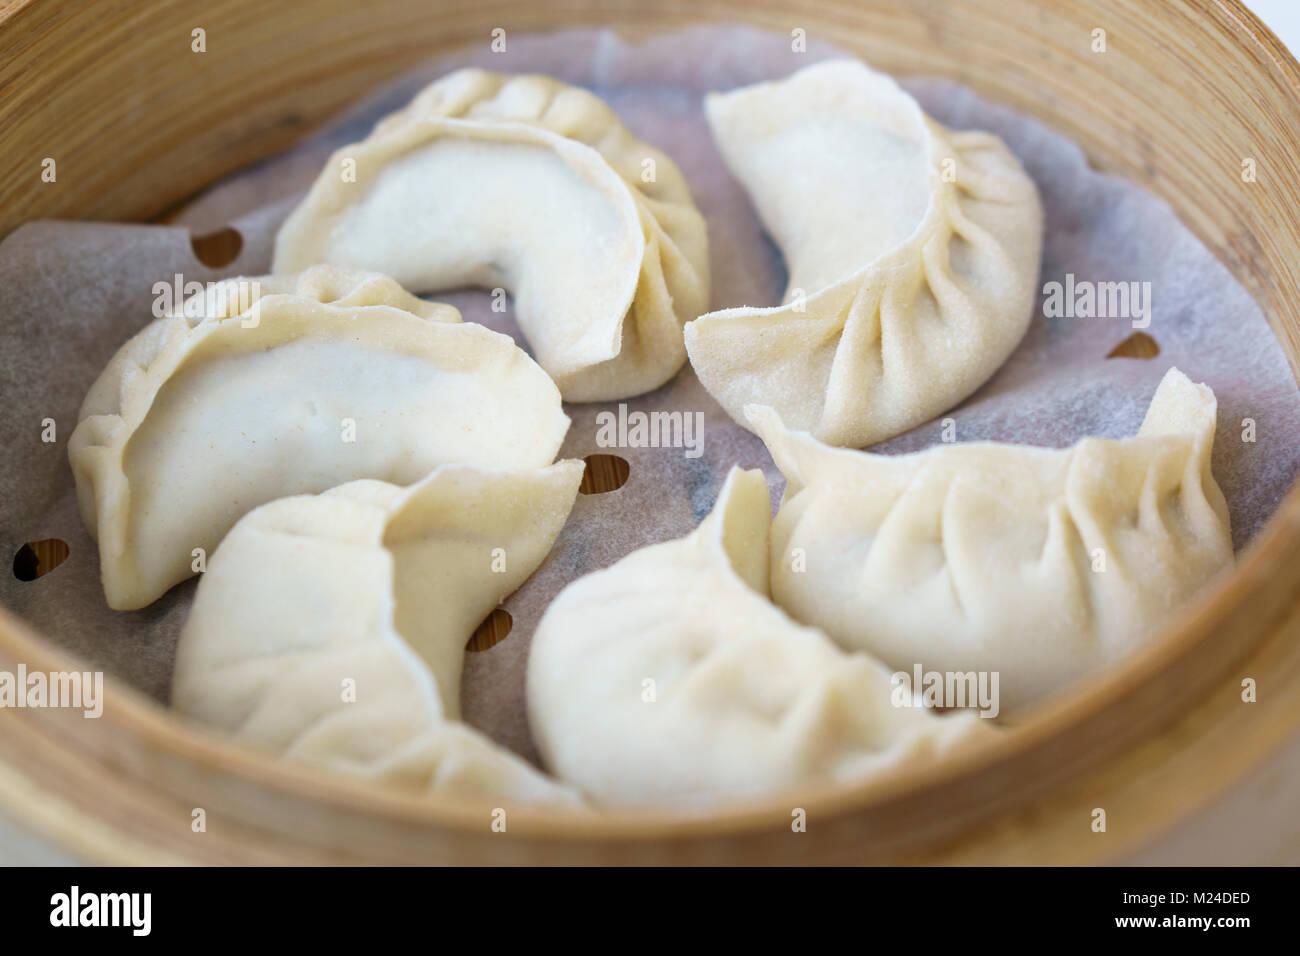 Chinesische Knodel In Bambus Steamer Knodel Gehoren Zu Den